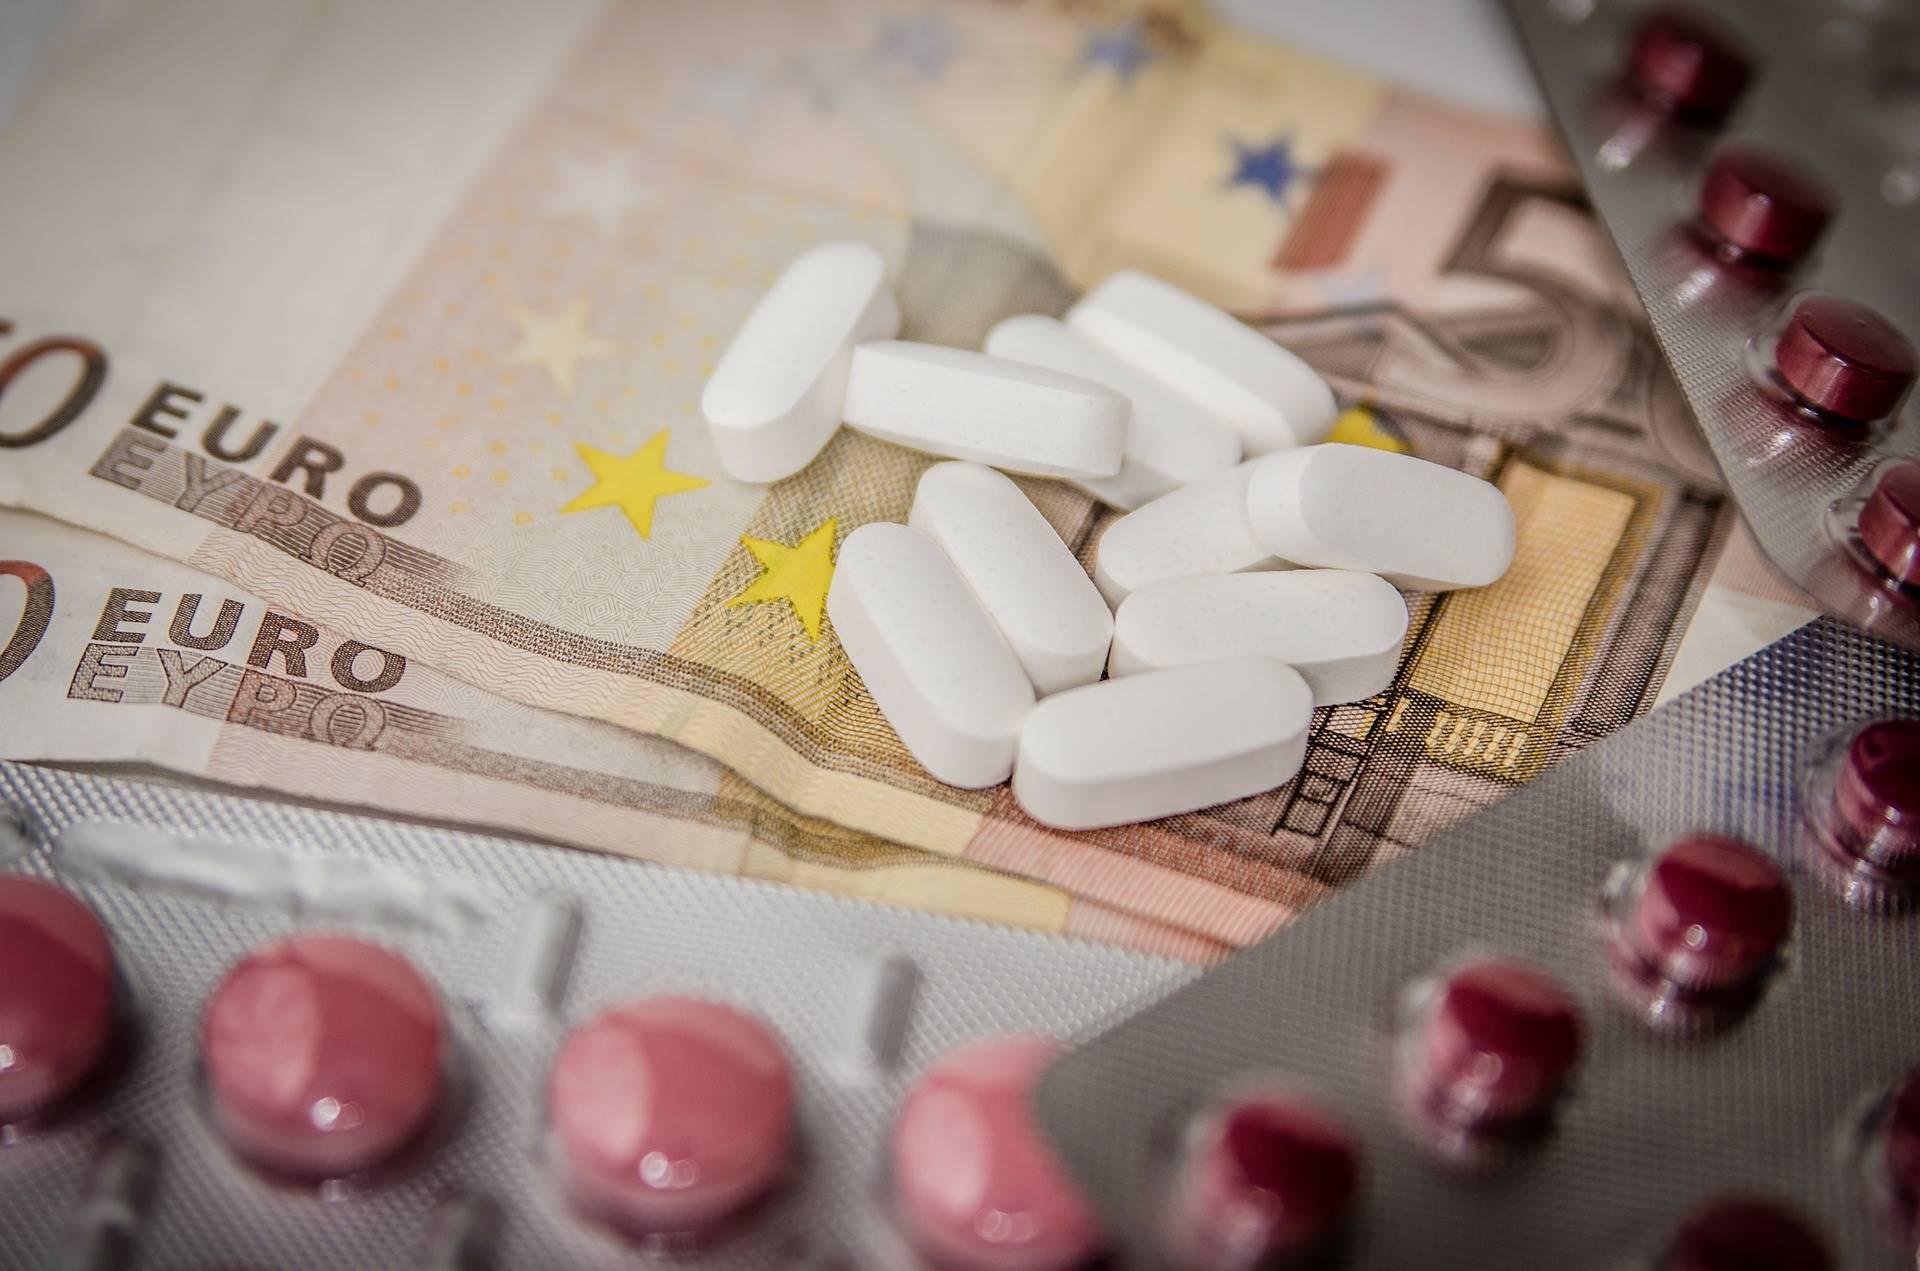 Minister Bruins: 'ijzeren voorraad' moet tekorten geneesmiddelen tegengaan